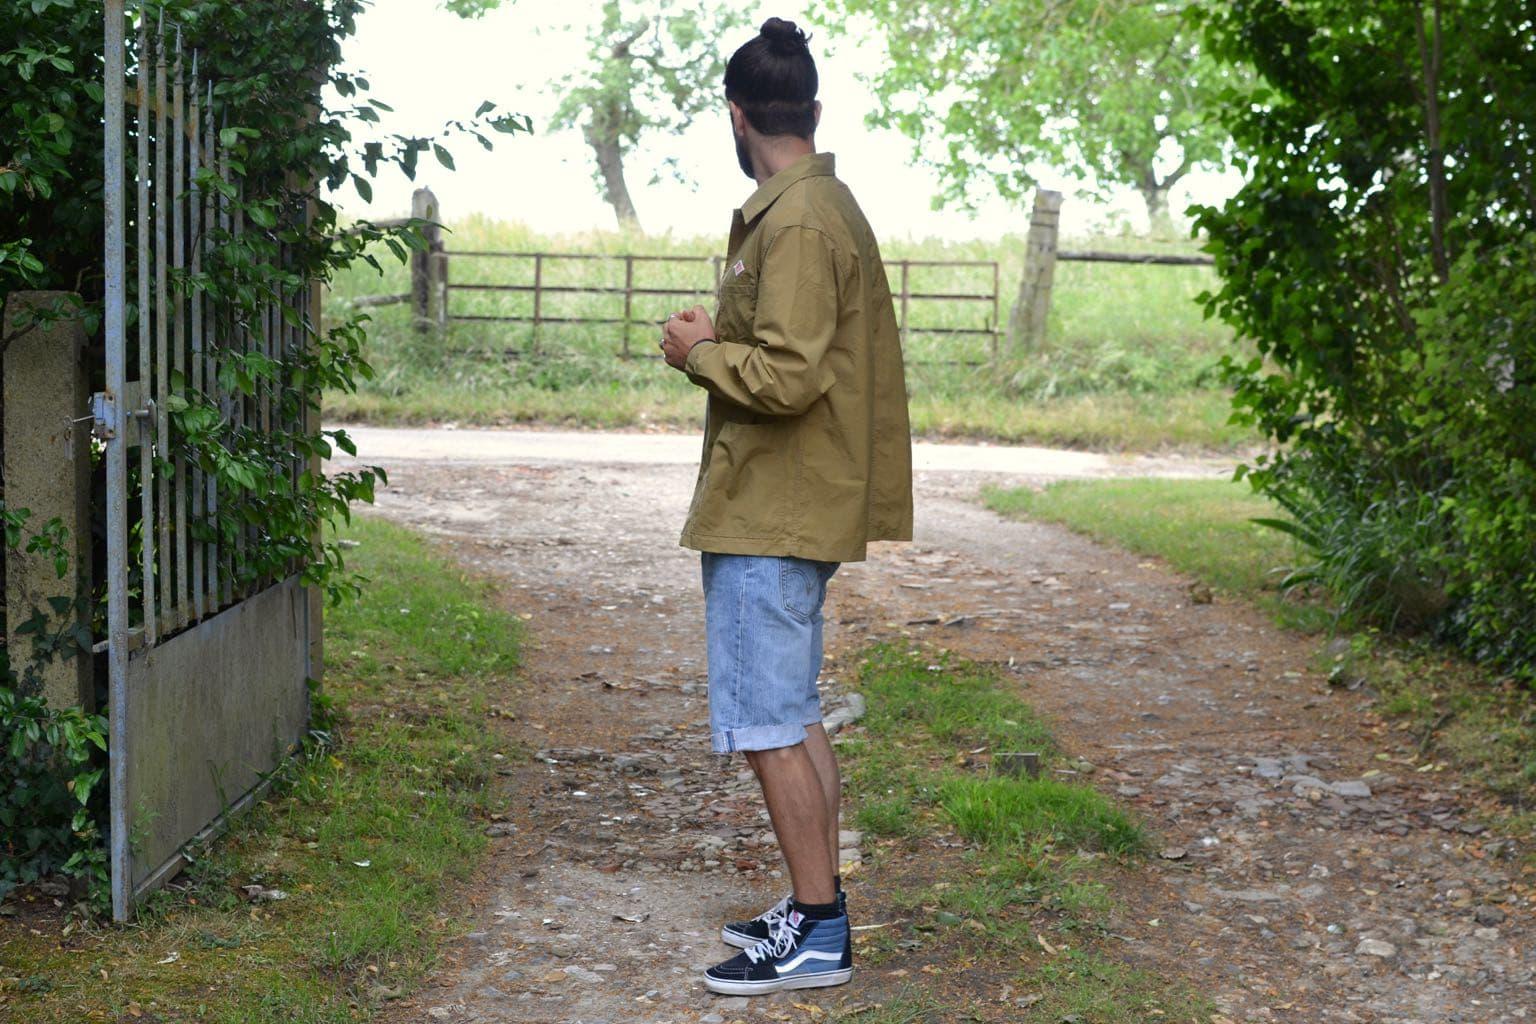 comment porter une coach jacket dans un petit style pour homme l'été